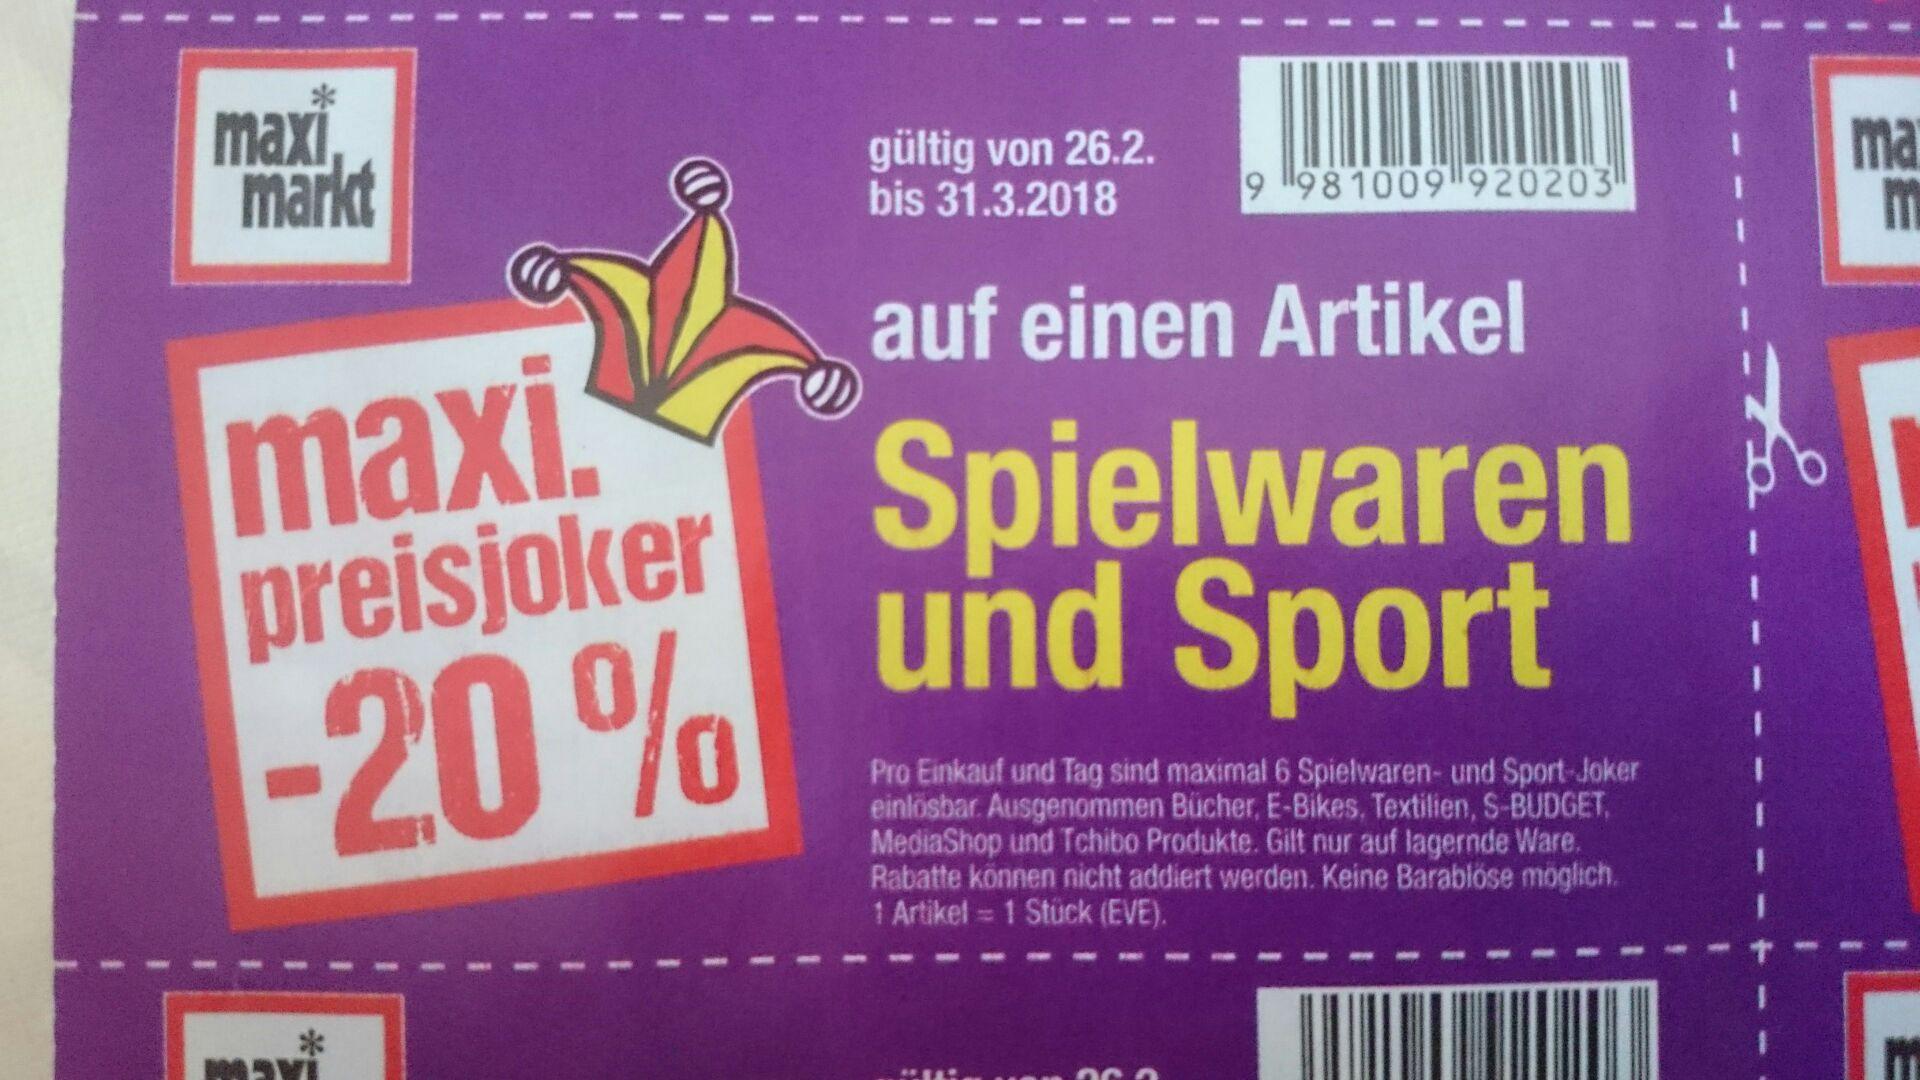 Maxi Markt 20% Preisjoker Coupon auf Spielwaren und Sport